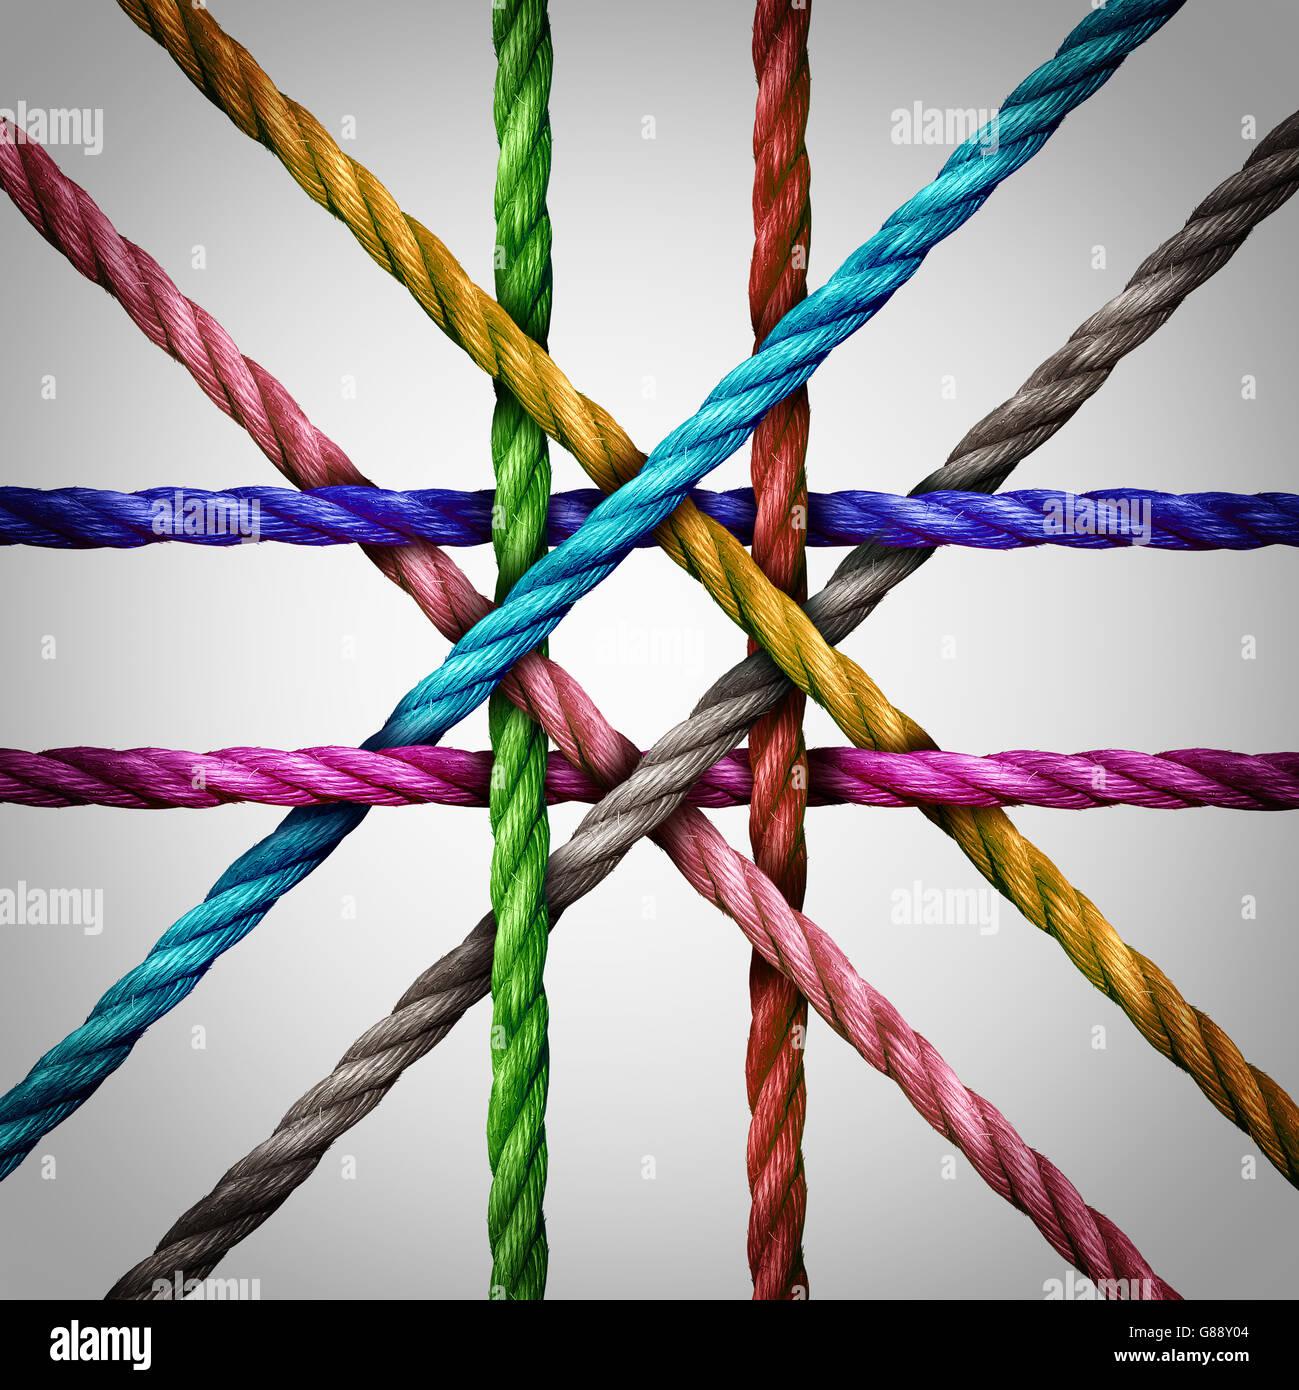 Conecta redes centralizadas y conexión de red central el concepto empresarial como un grupo diverso de cuerdas Imagen De Stock